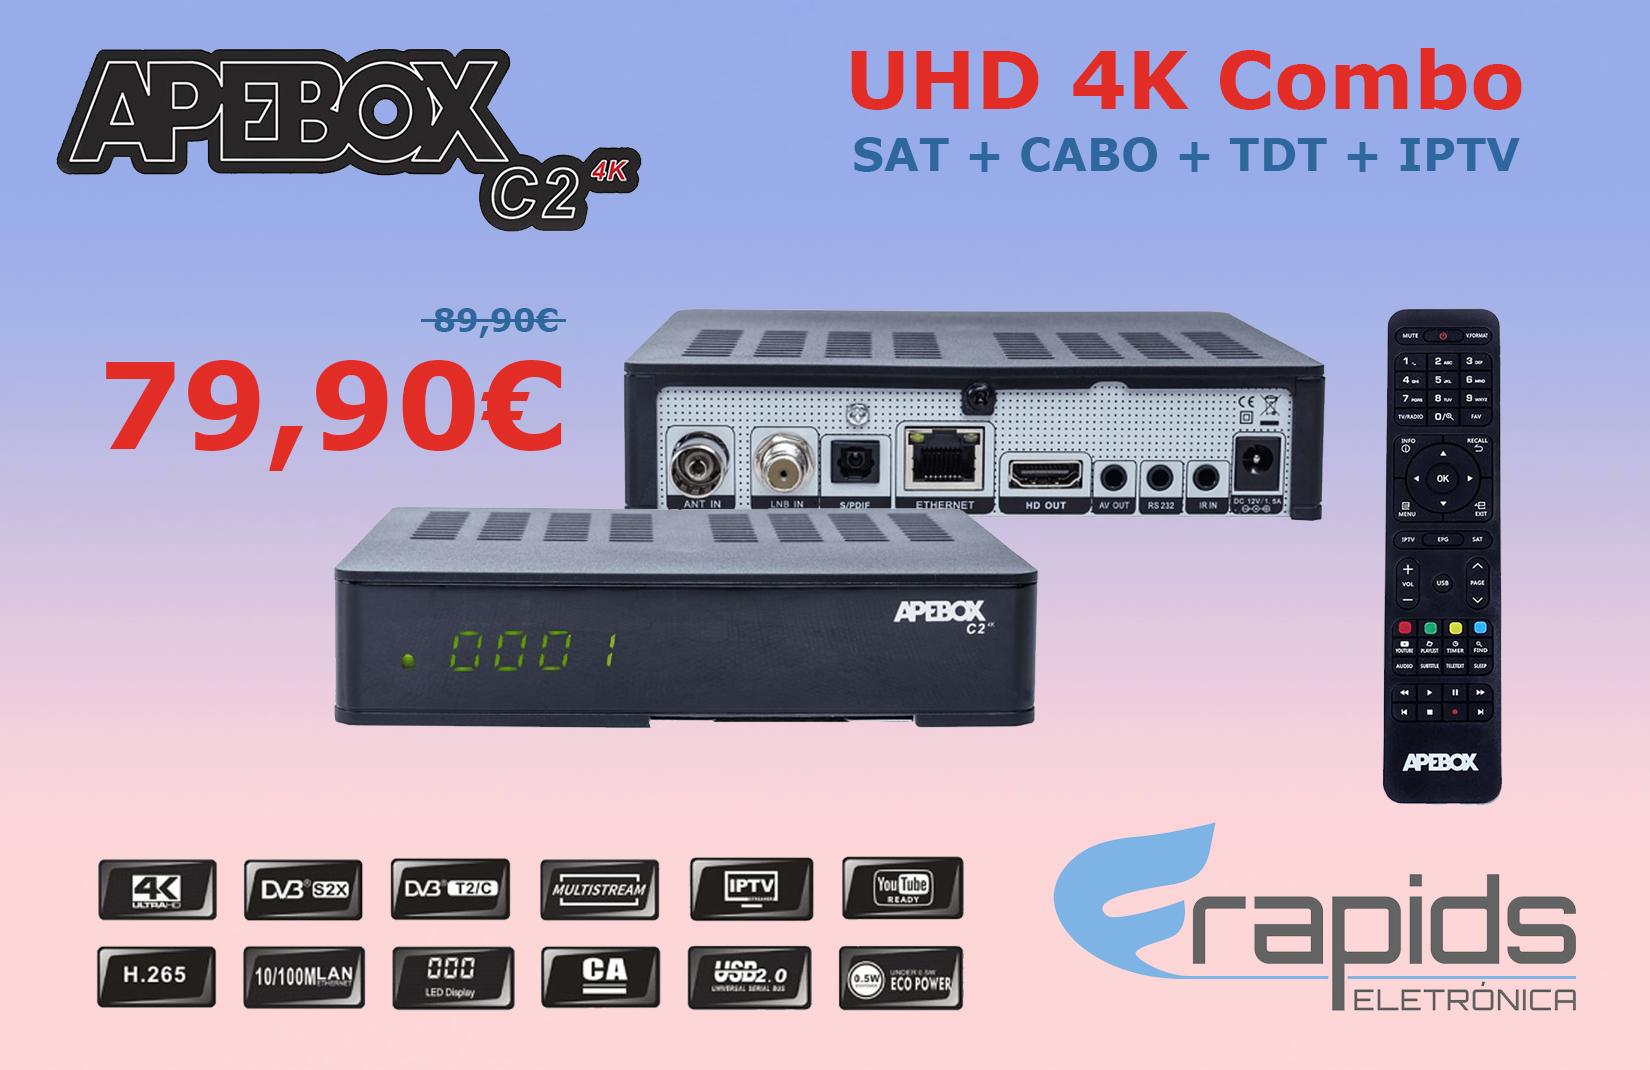 APEBOX C2 4K UHD COMBO (SAT+CABO+TDT+IPTV) - MELHOR BOX AO MELHOR PREÇO! Final10